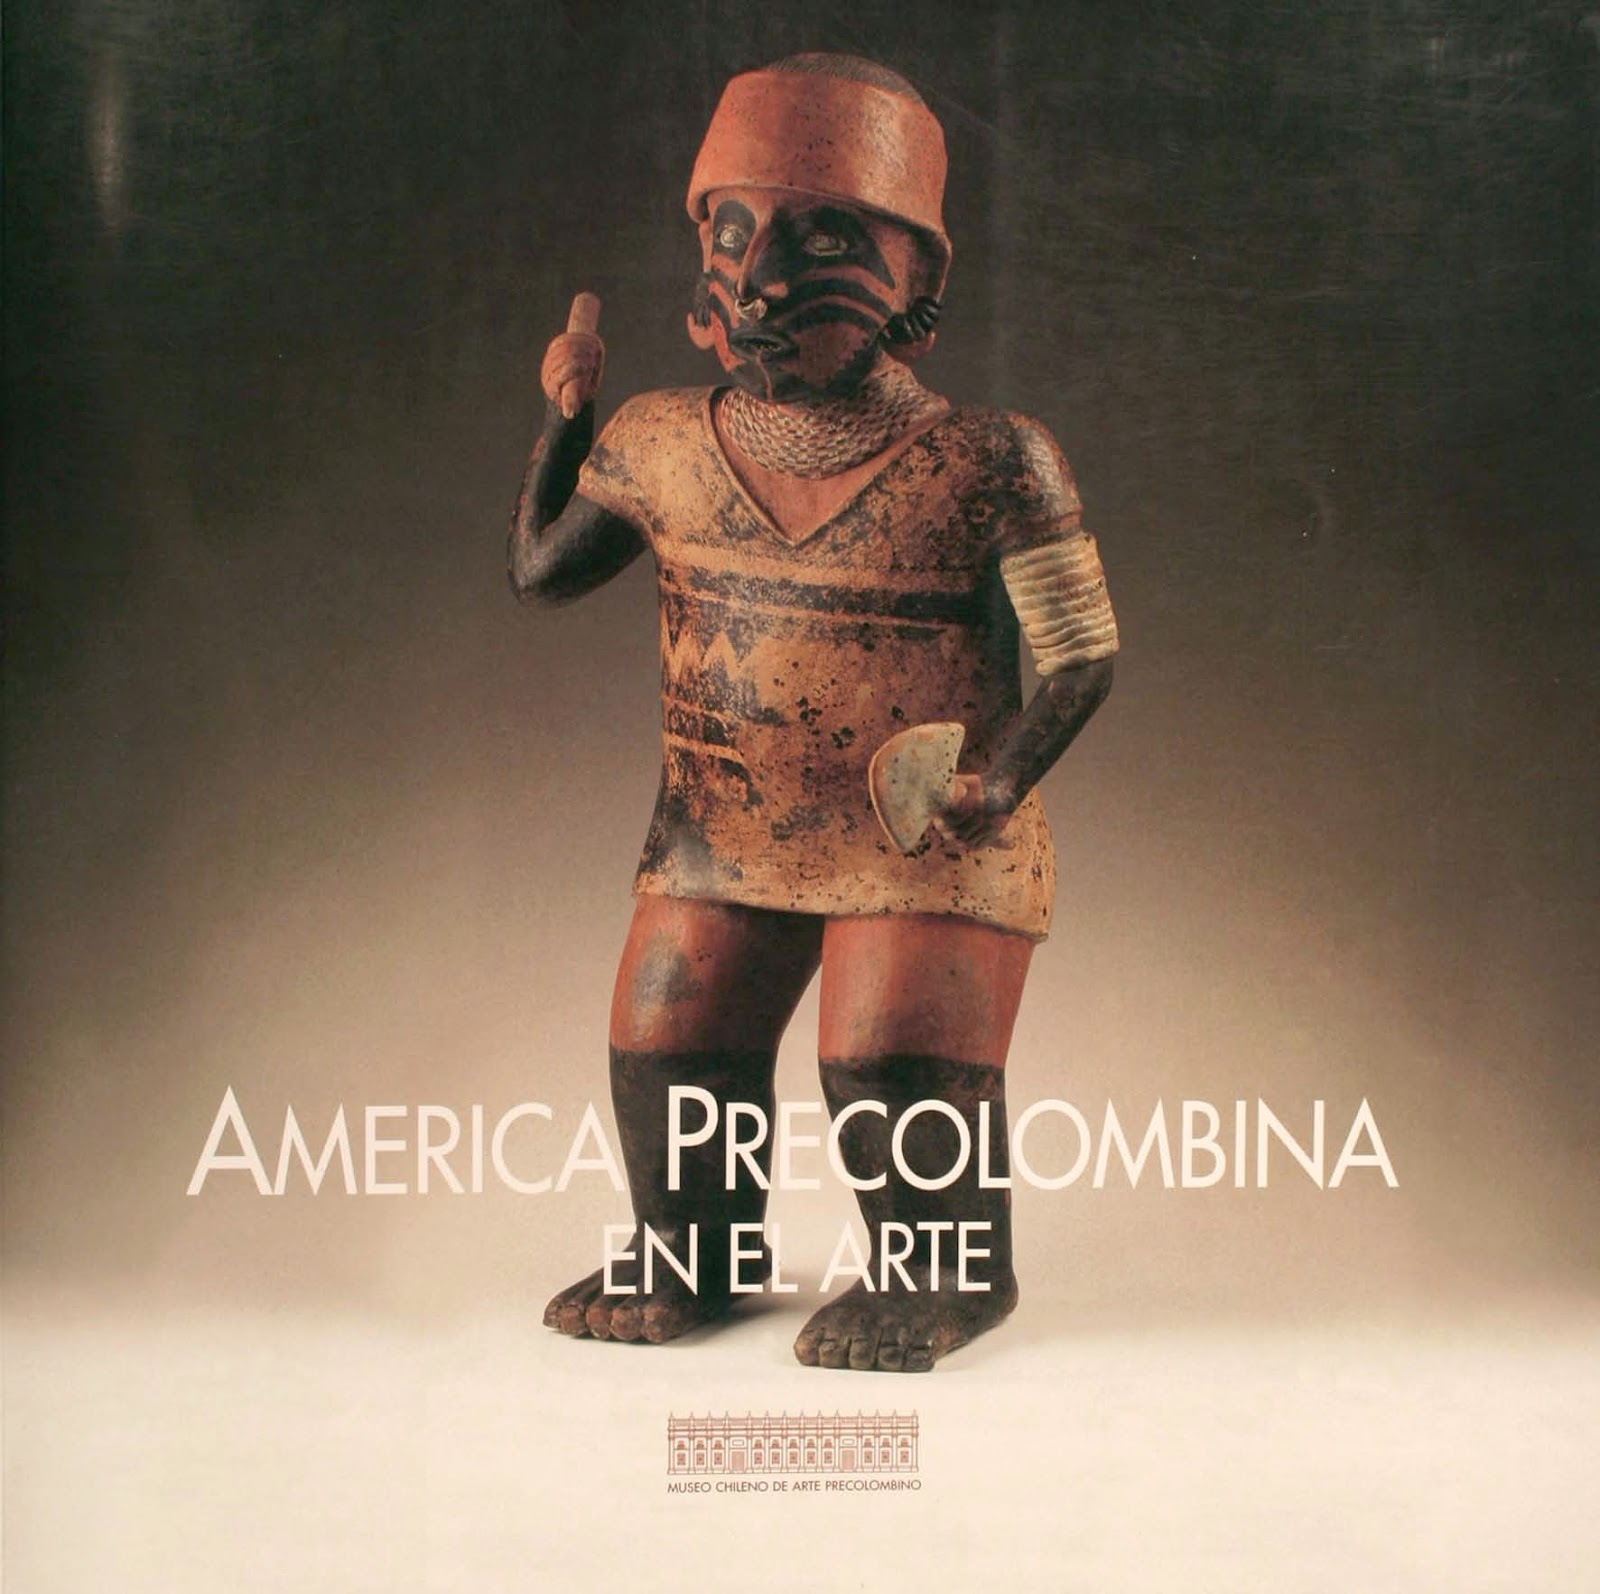 América Precolombina en el Arte